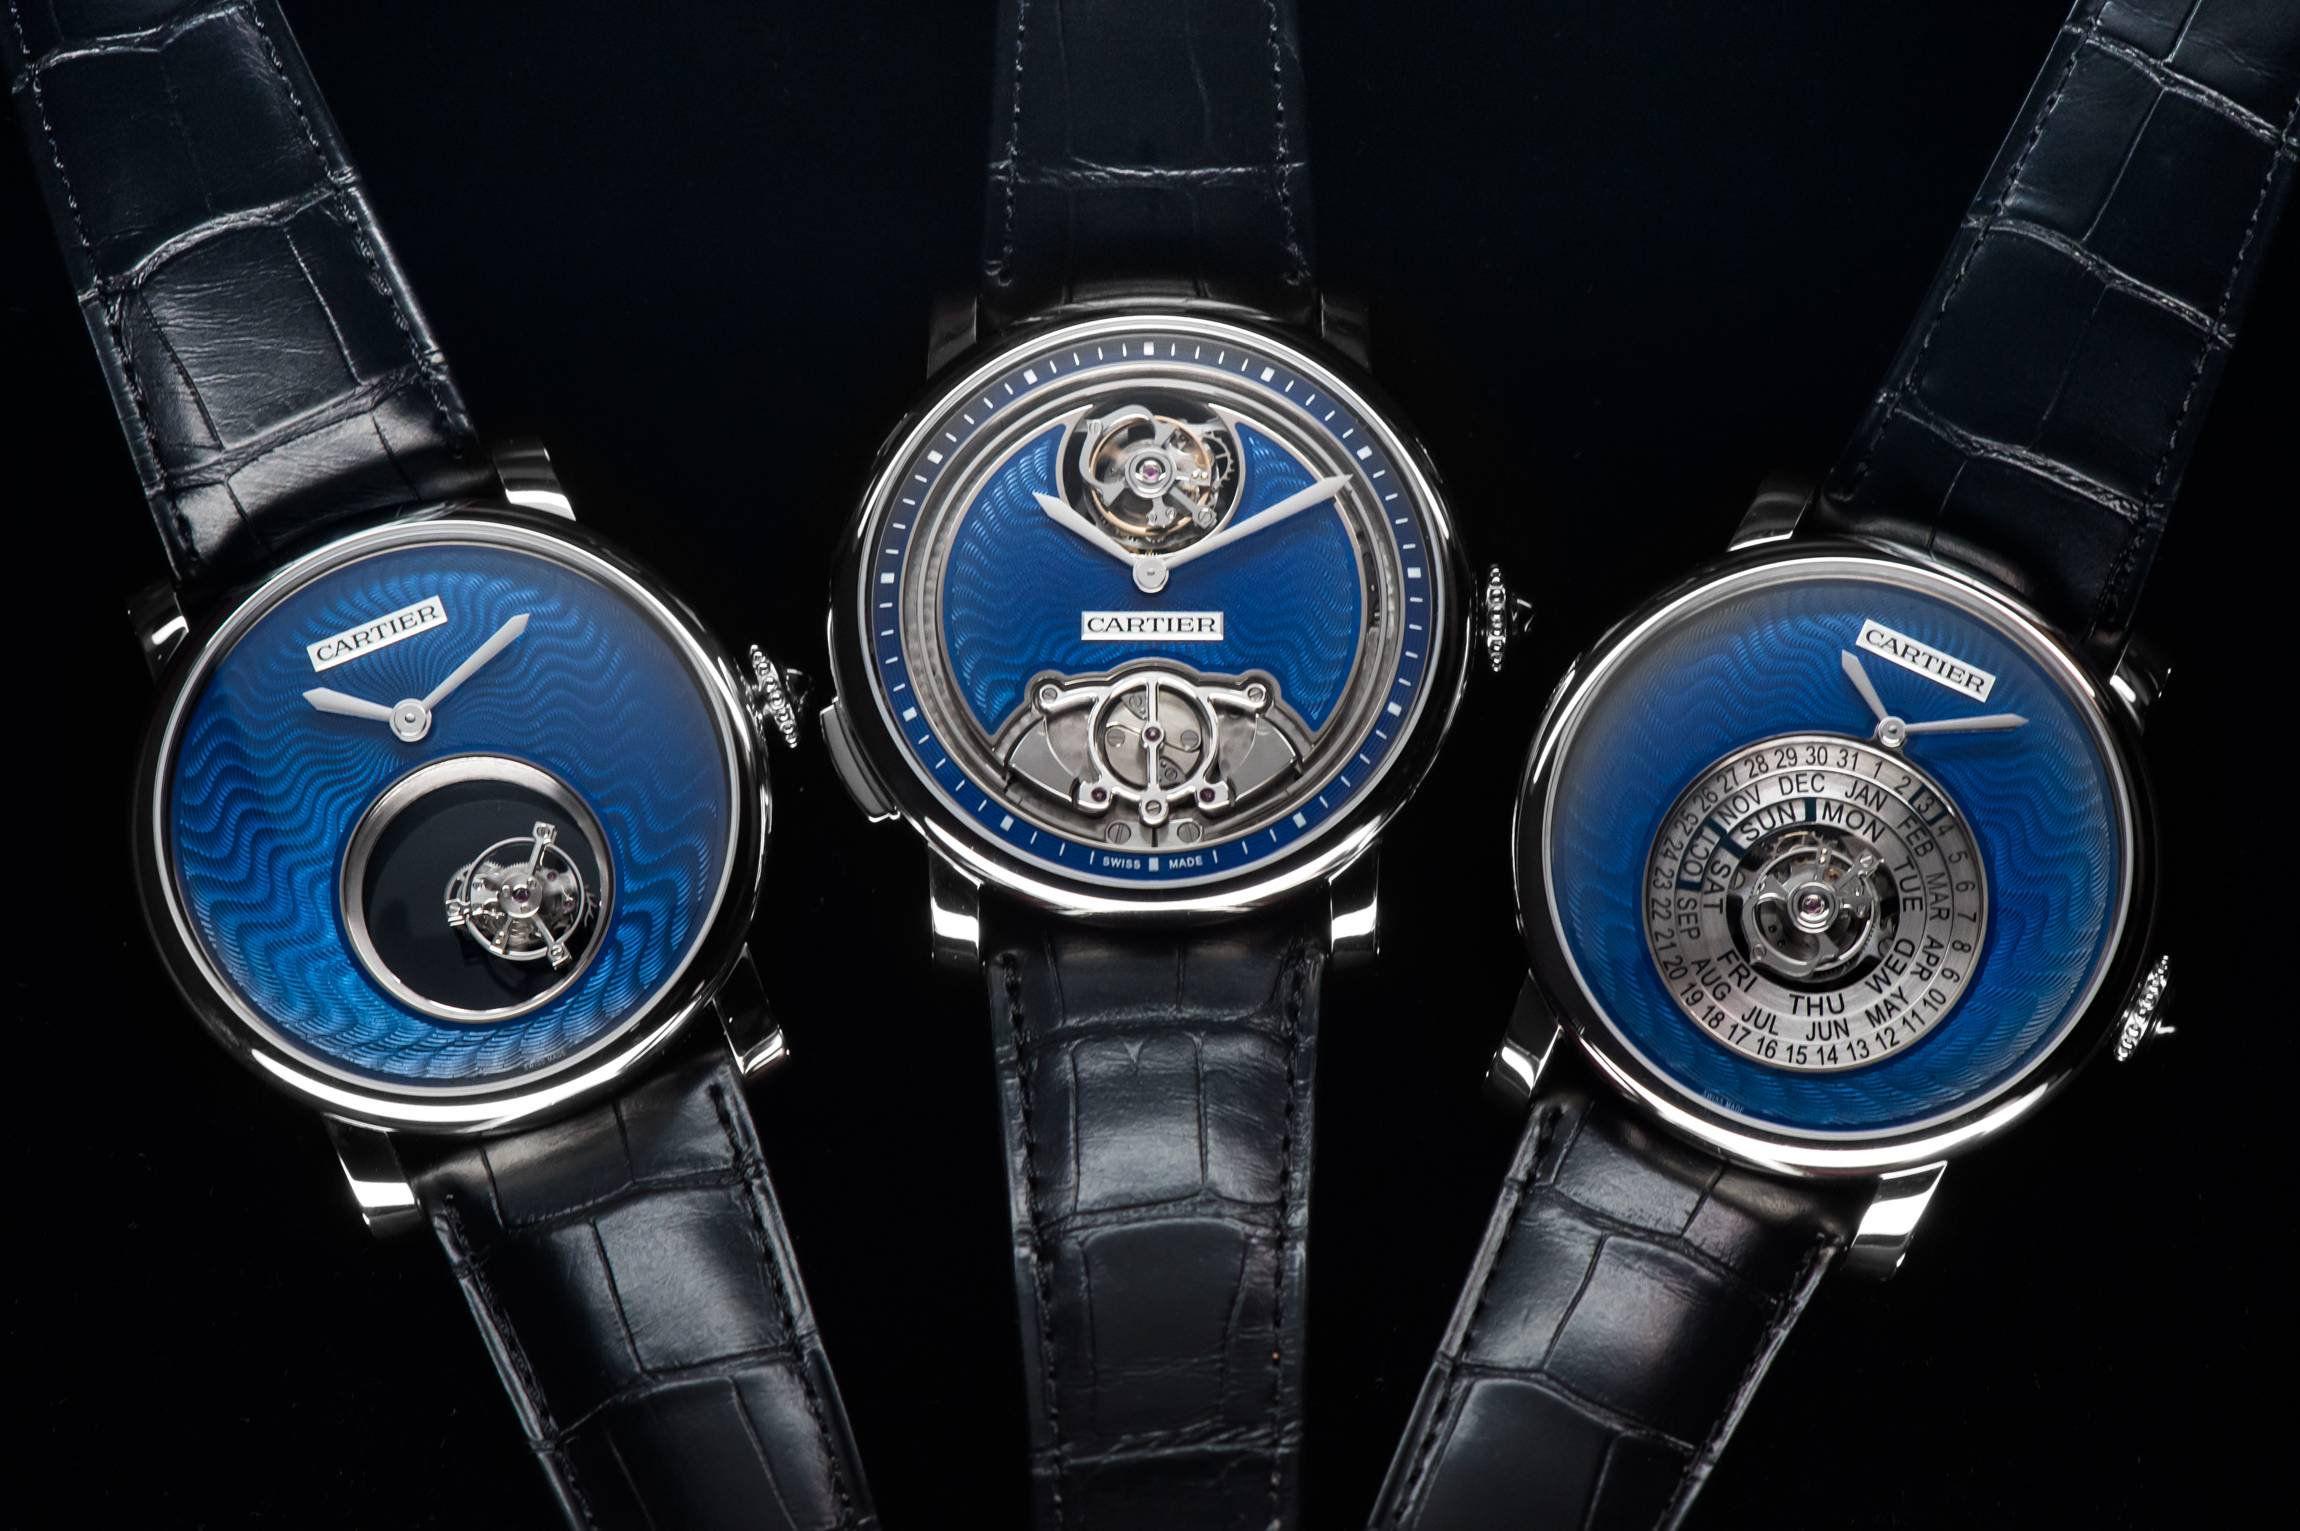 卡地亚Rotonde系列高级复杂蓝色珐琅腕表套装——蓝色的奇迹